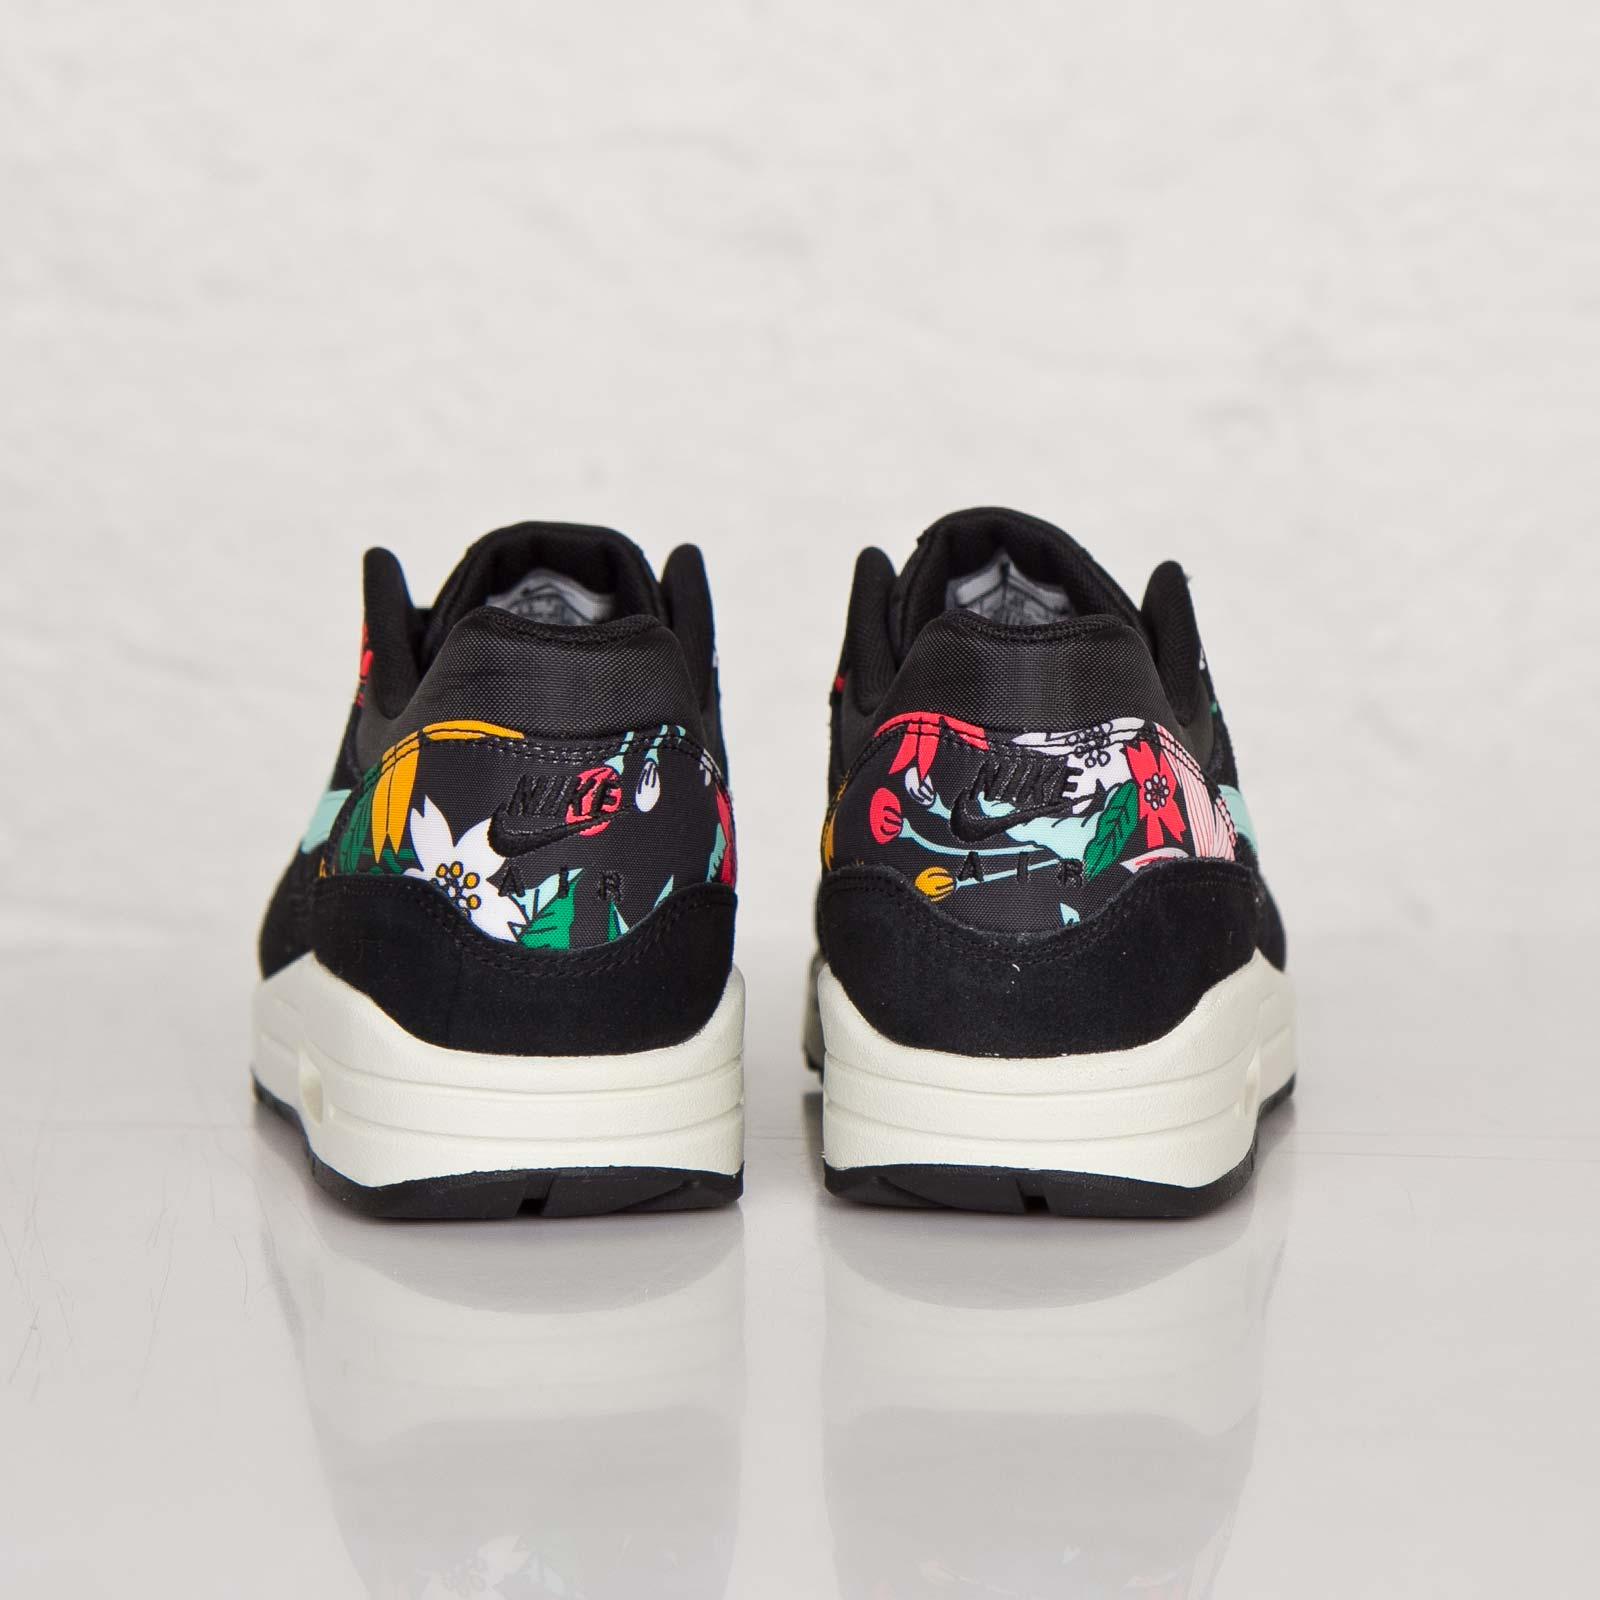 1b10eeb176 Nike Wmns Air Max 1 Print - 528898-003 - Sneakersnstuff | sneakers &  streetwear online since 1999